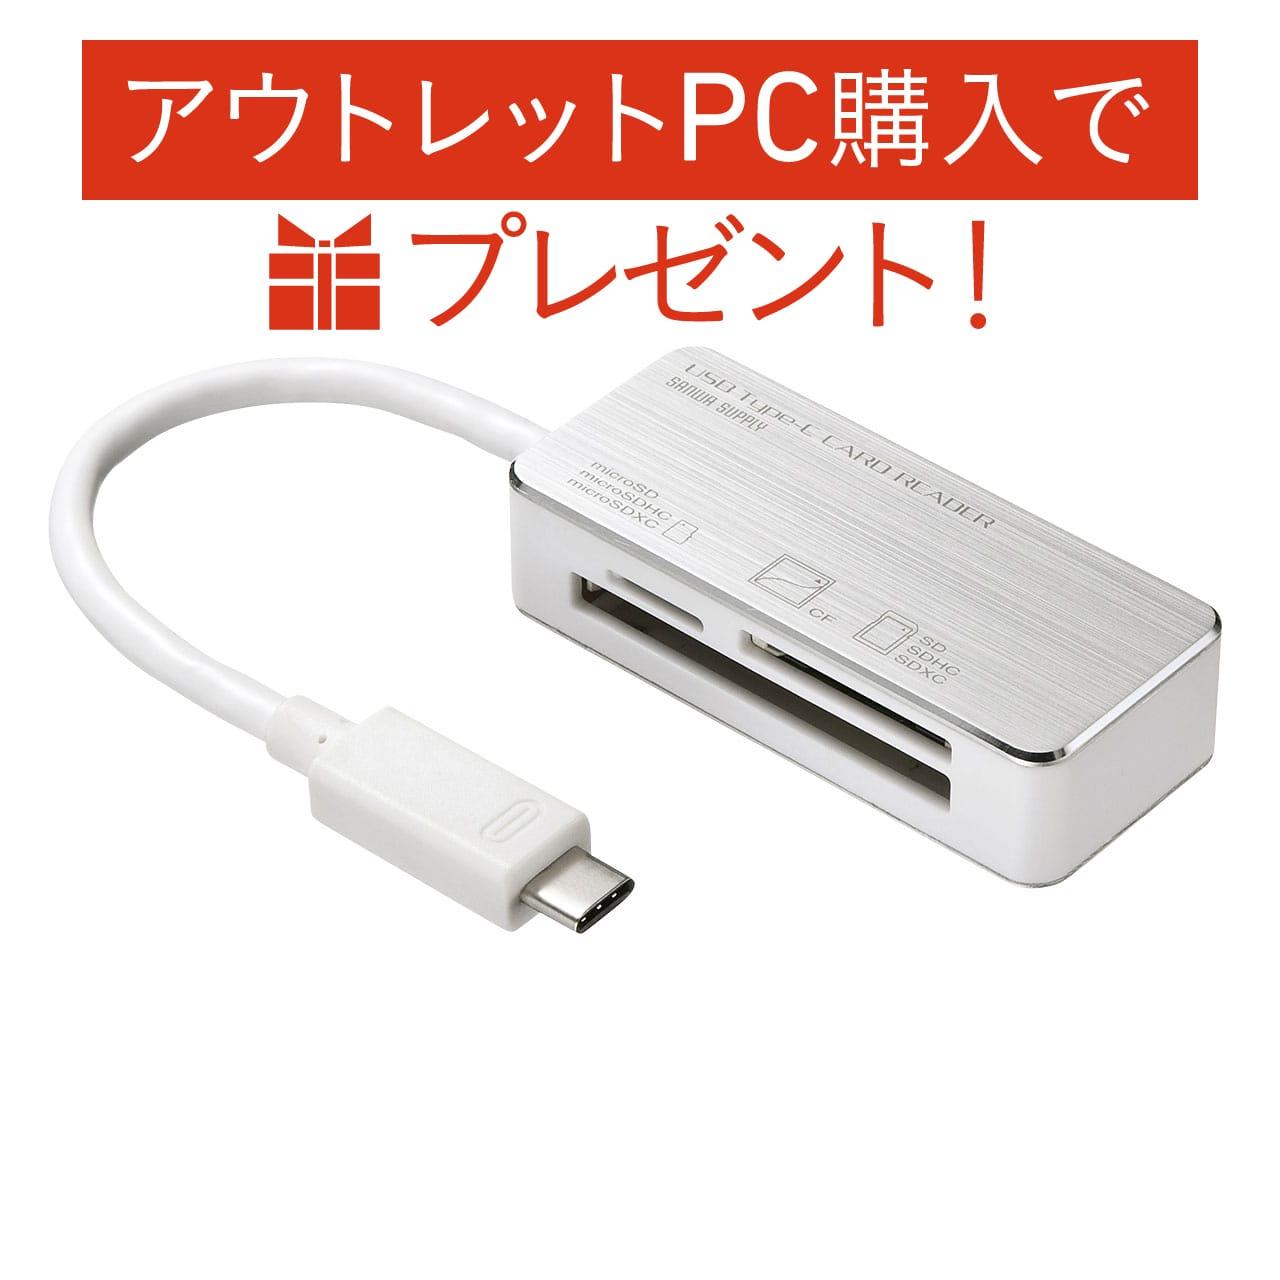 USB Type-C専用 カードリーダー